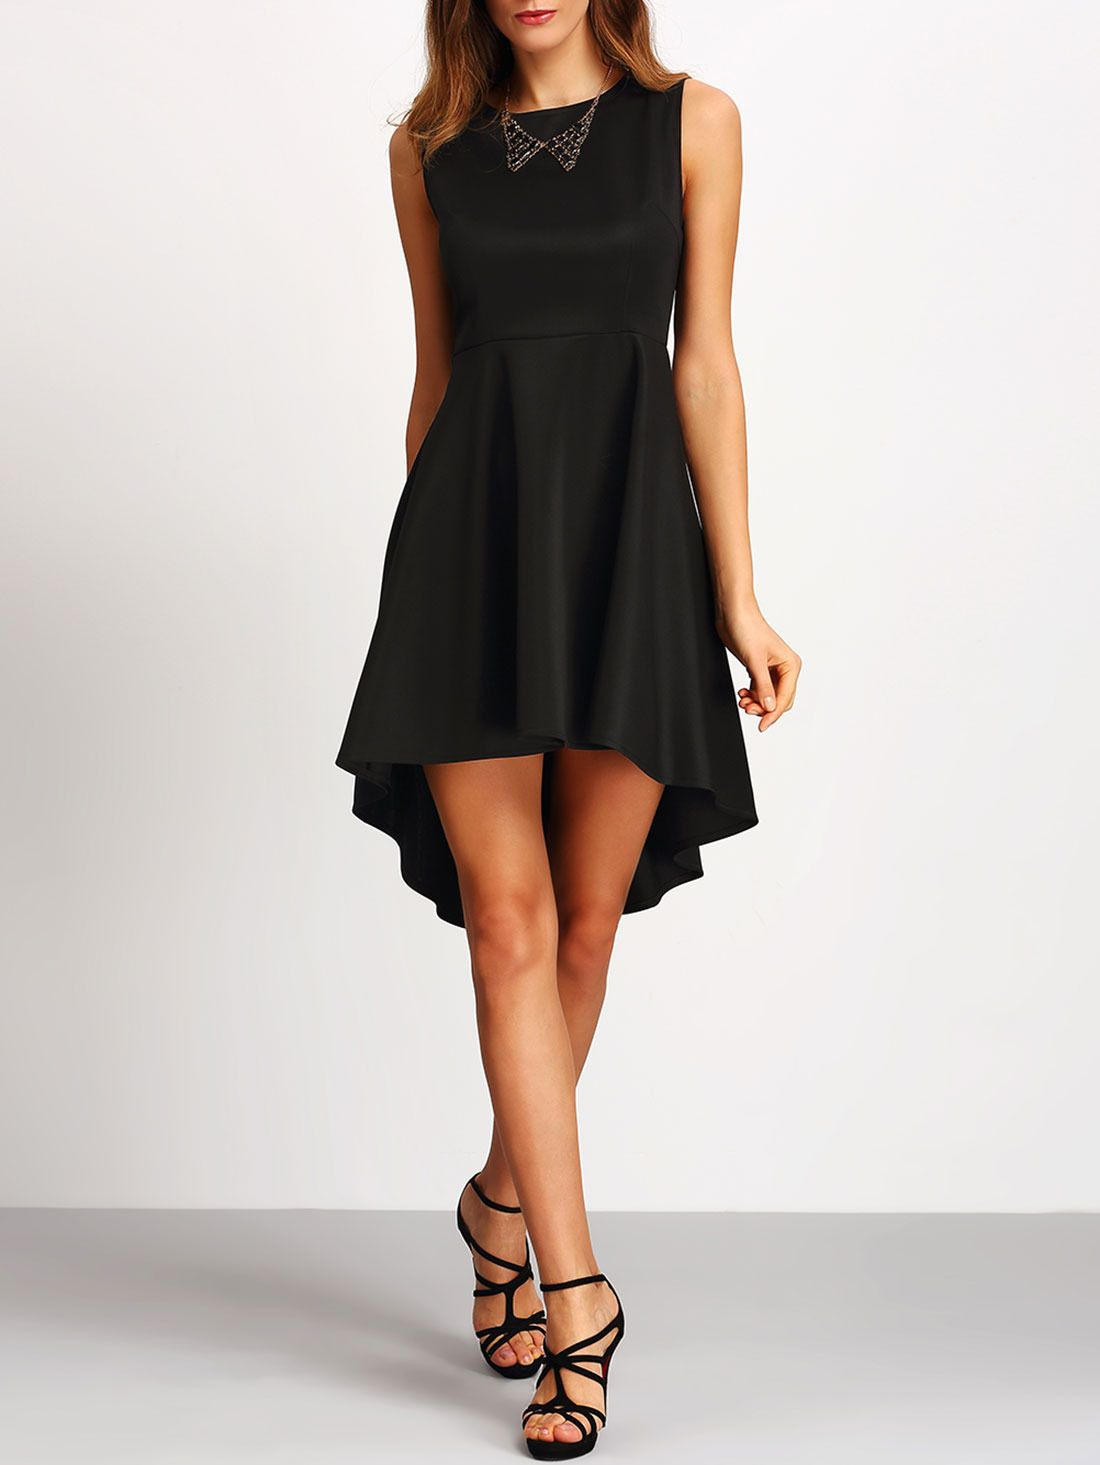 17 Luxurius Schwarzes Ärmelloses Kleid Vertrieb13 Spektakulär Schwarzes Ärmelloses Kleid Design